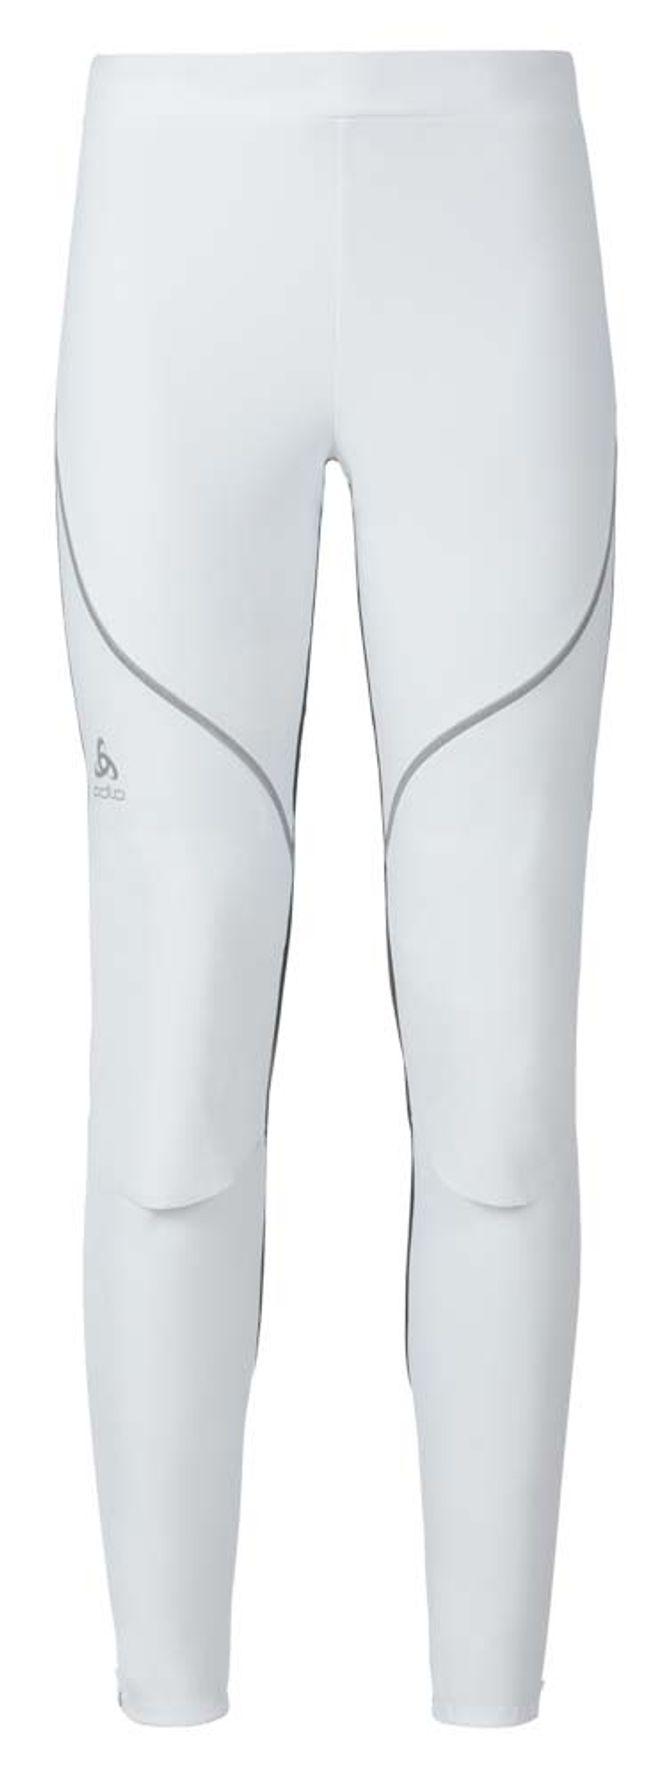 I pantalon, mi legging, modèle Muscle Light, technique et conçu pour épouser les muscles des jambes, Odlo